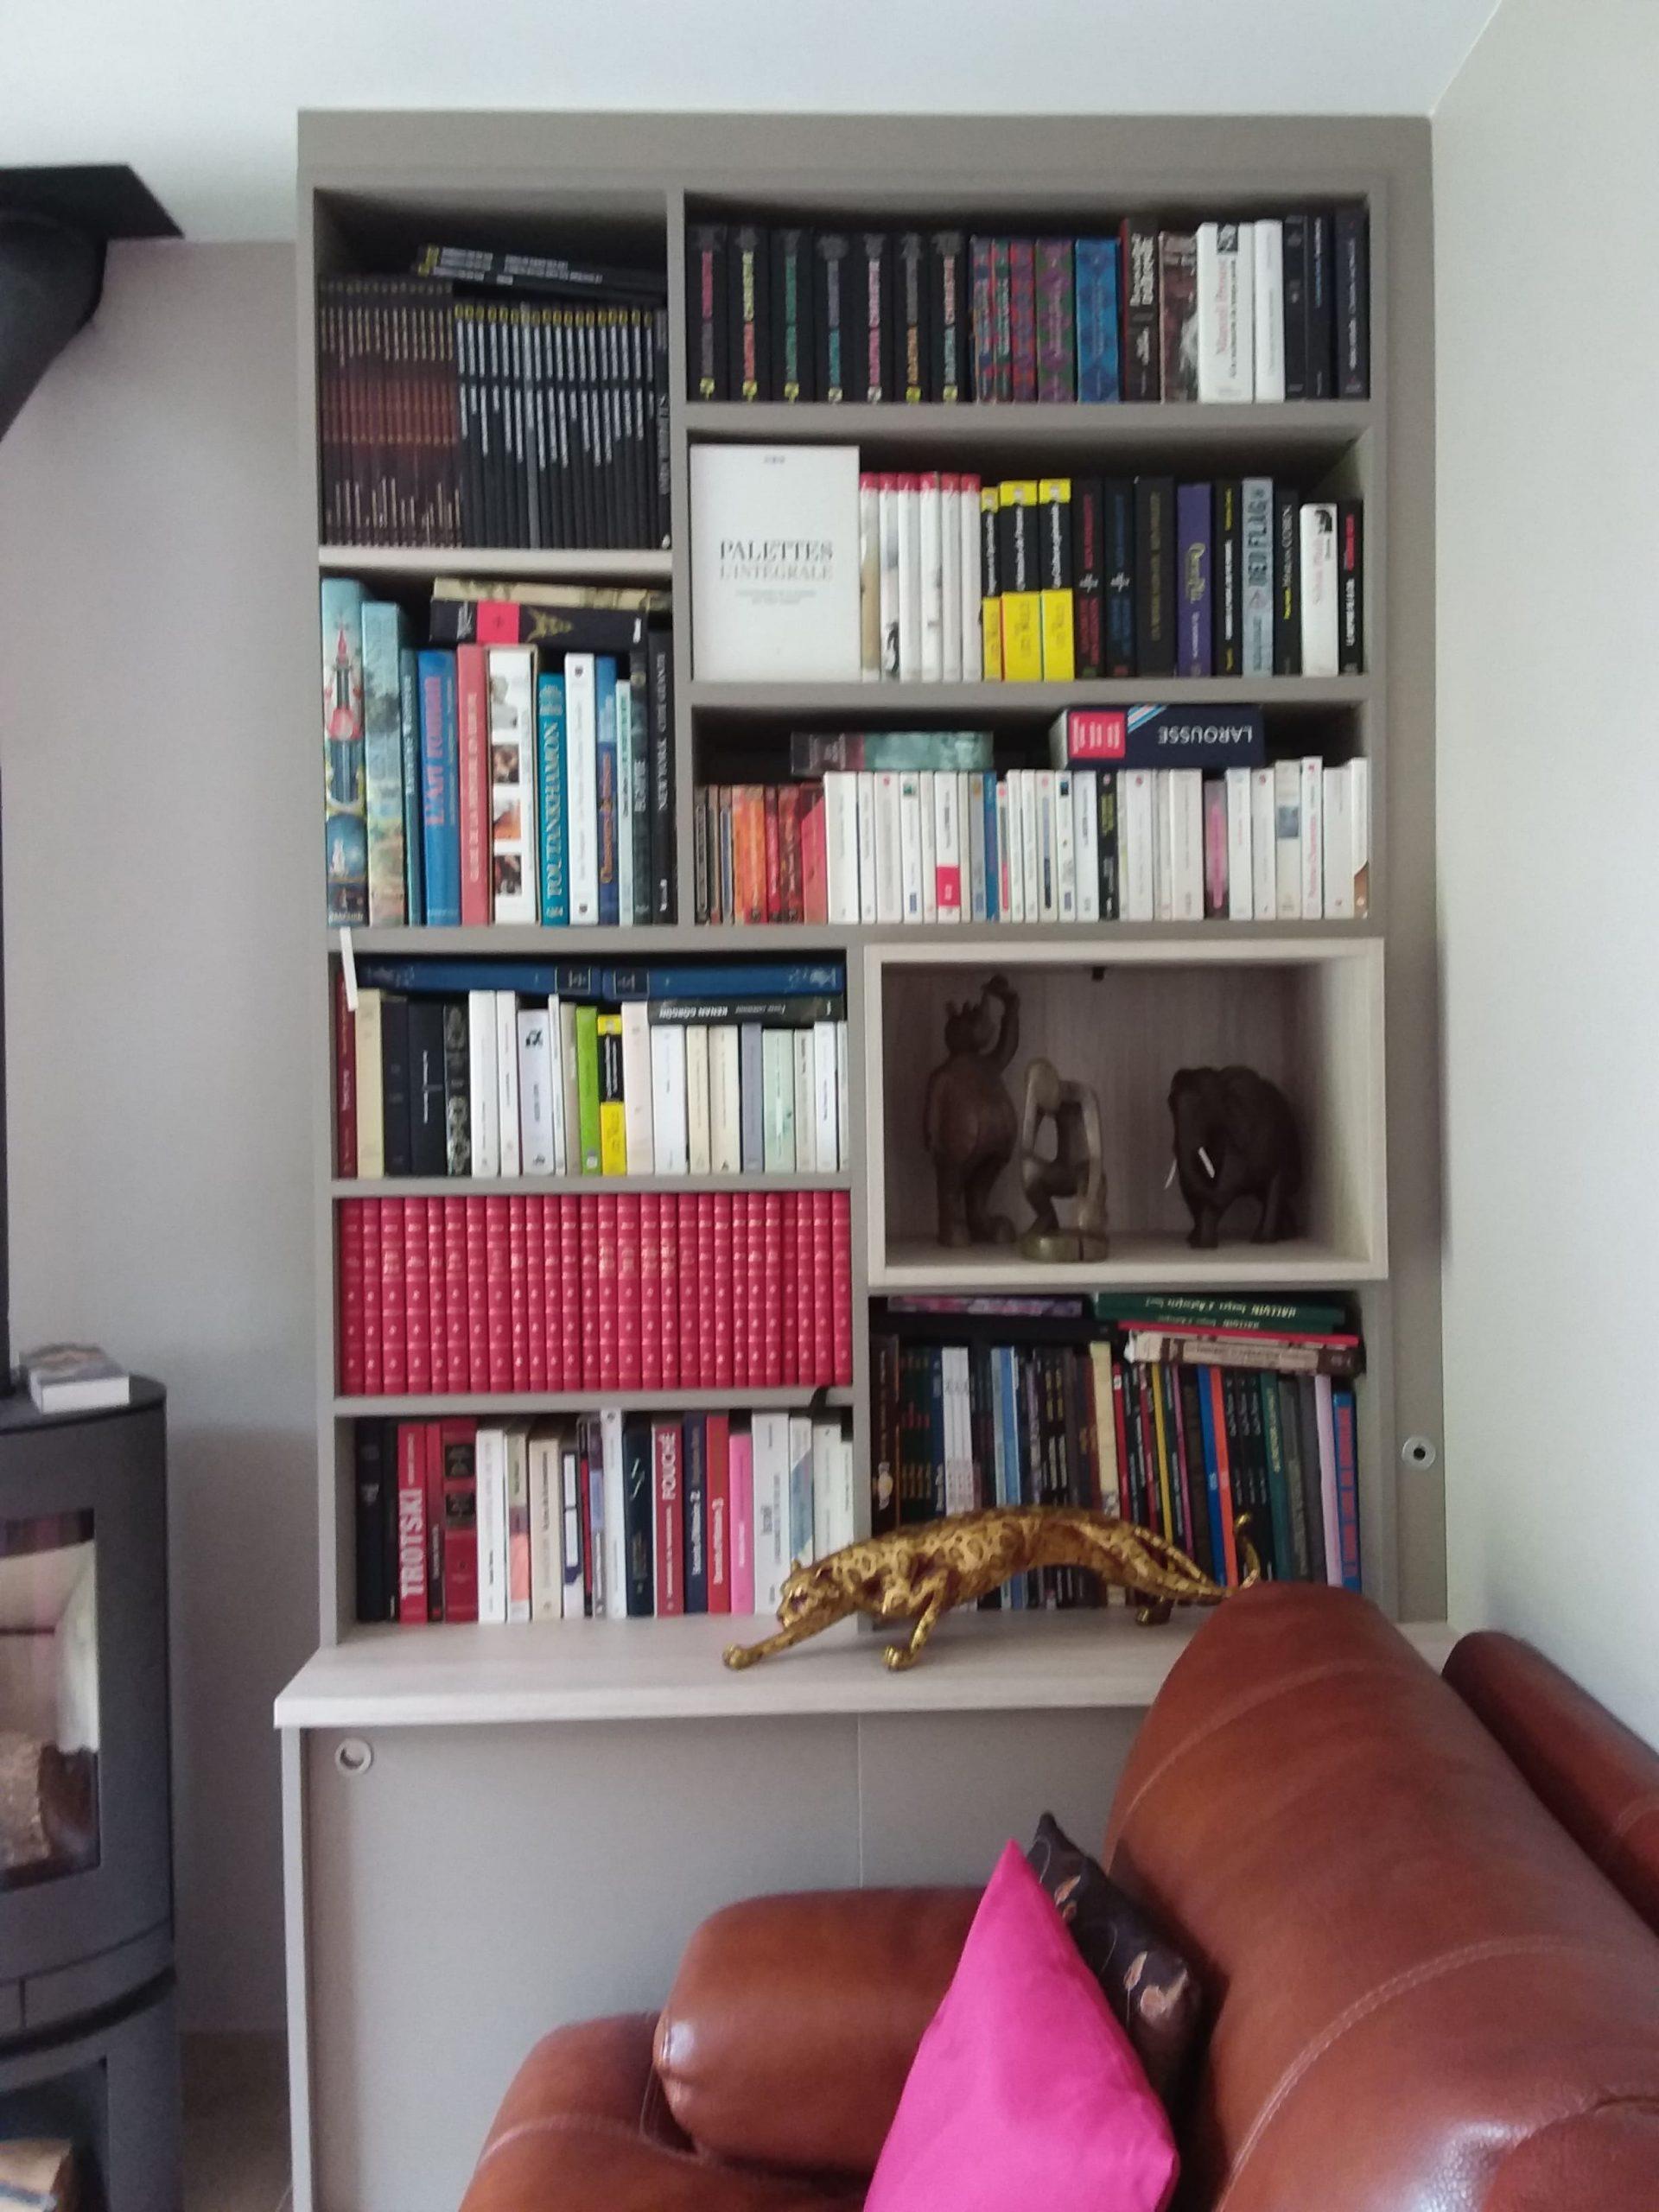 Sur cette dernière photo, on voit la partie droite de la bibliothèque.